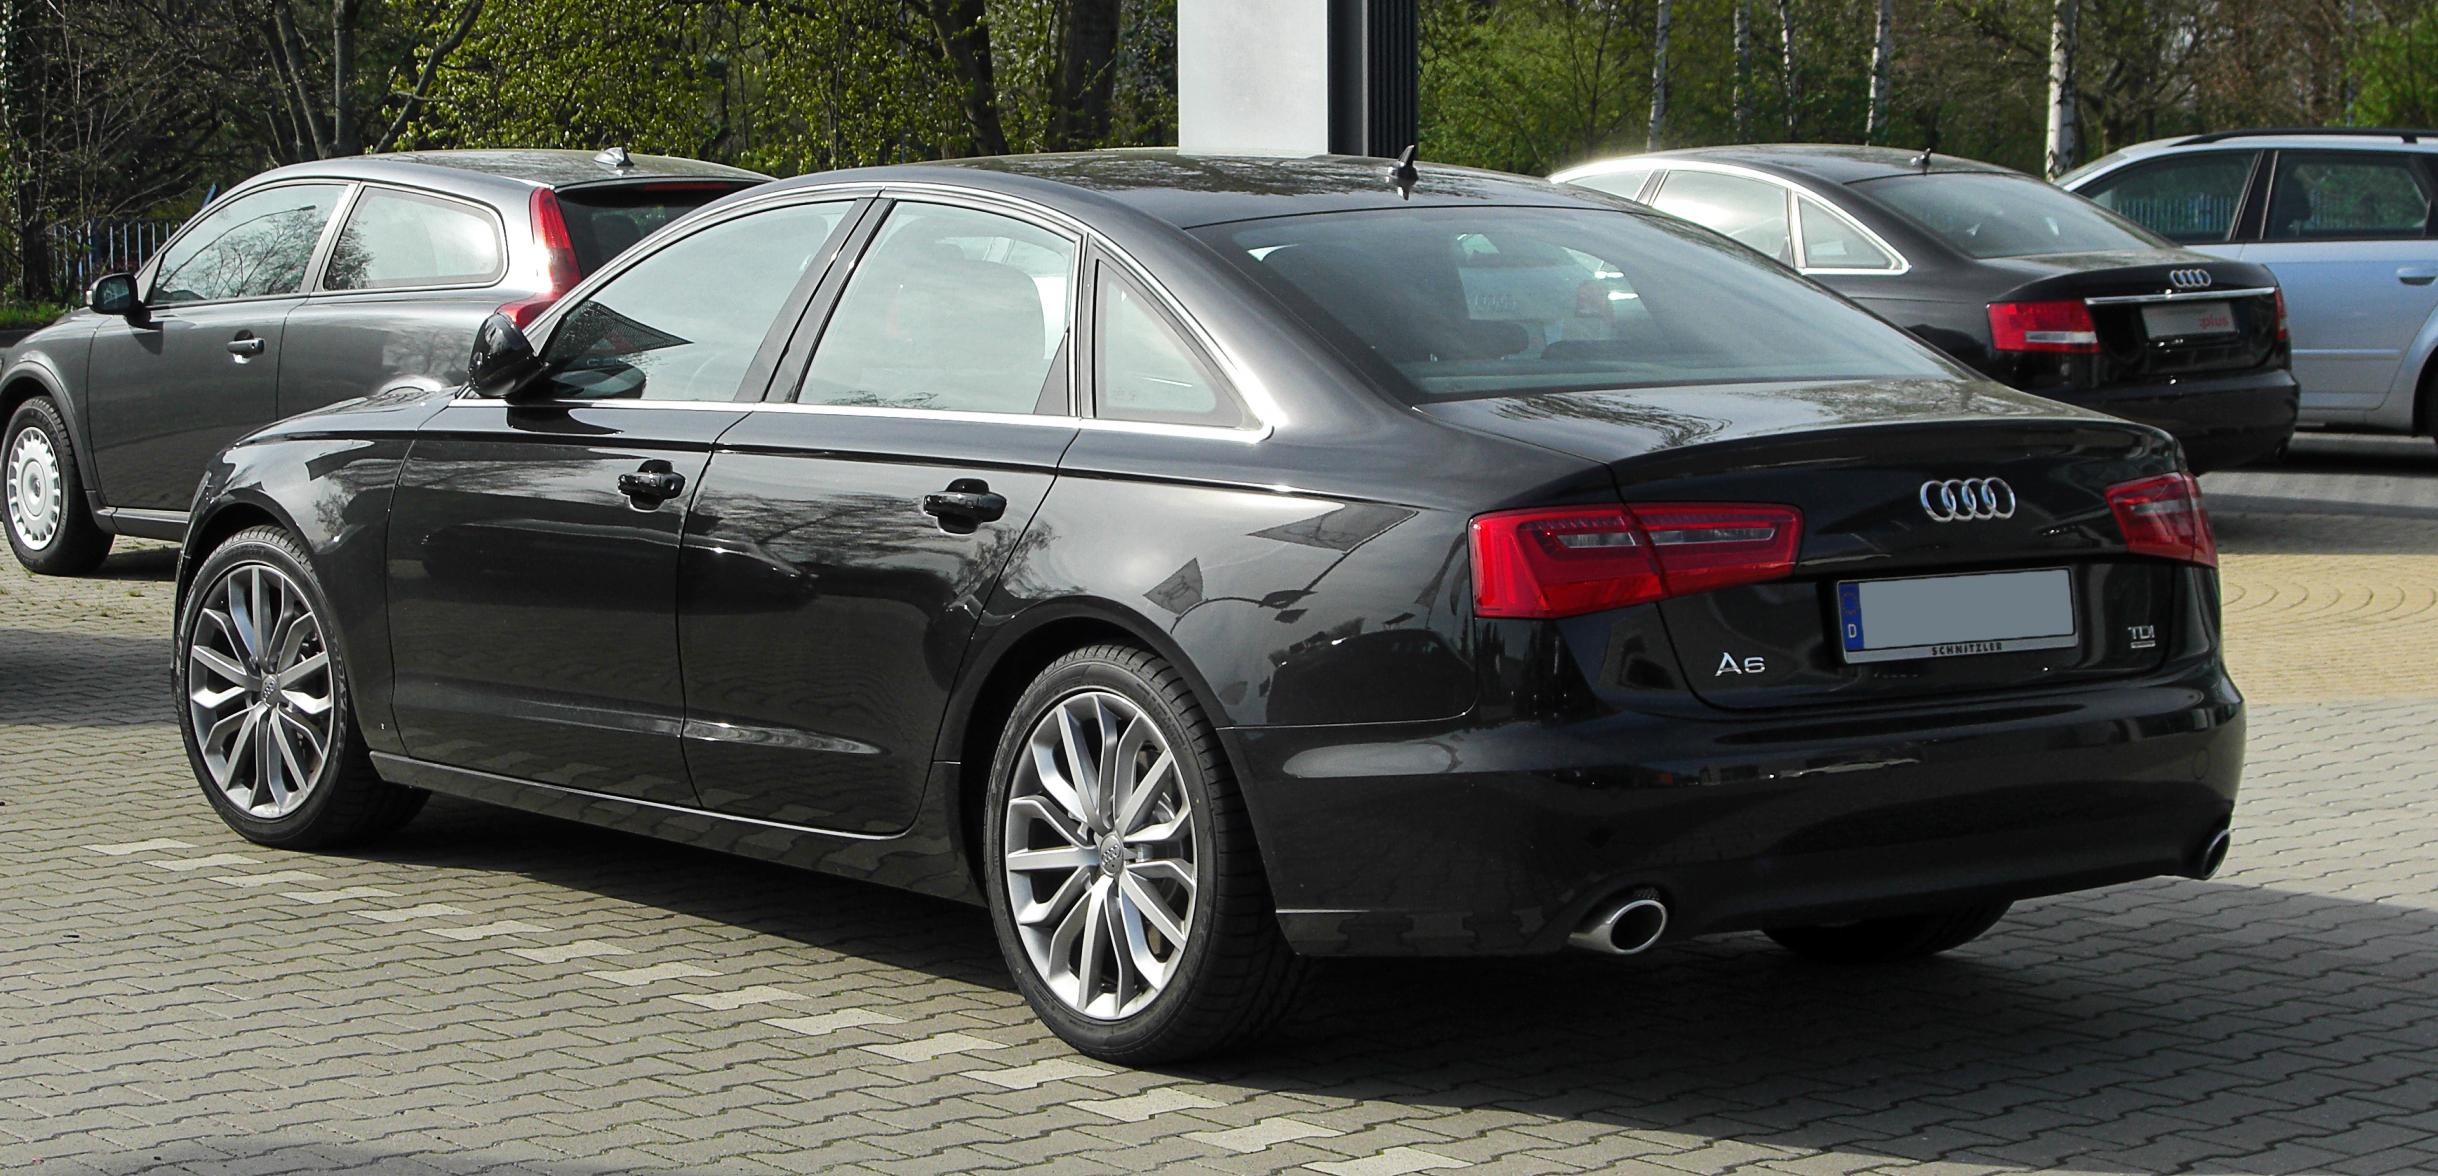 Spyshots Audi A6 Avant 2012 Autoblog Nl